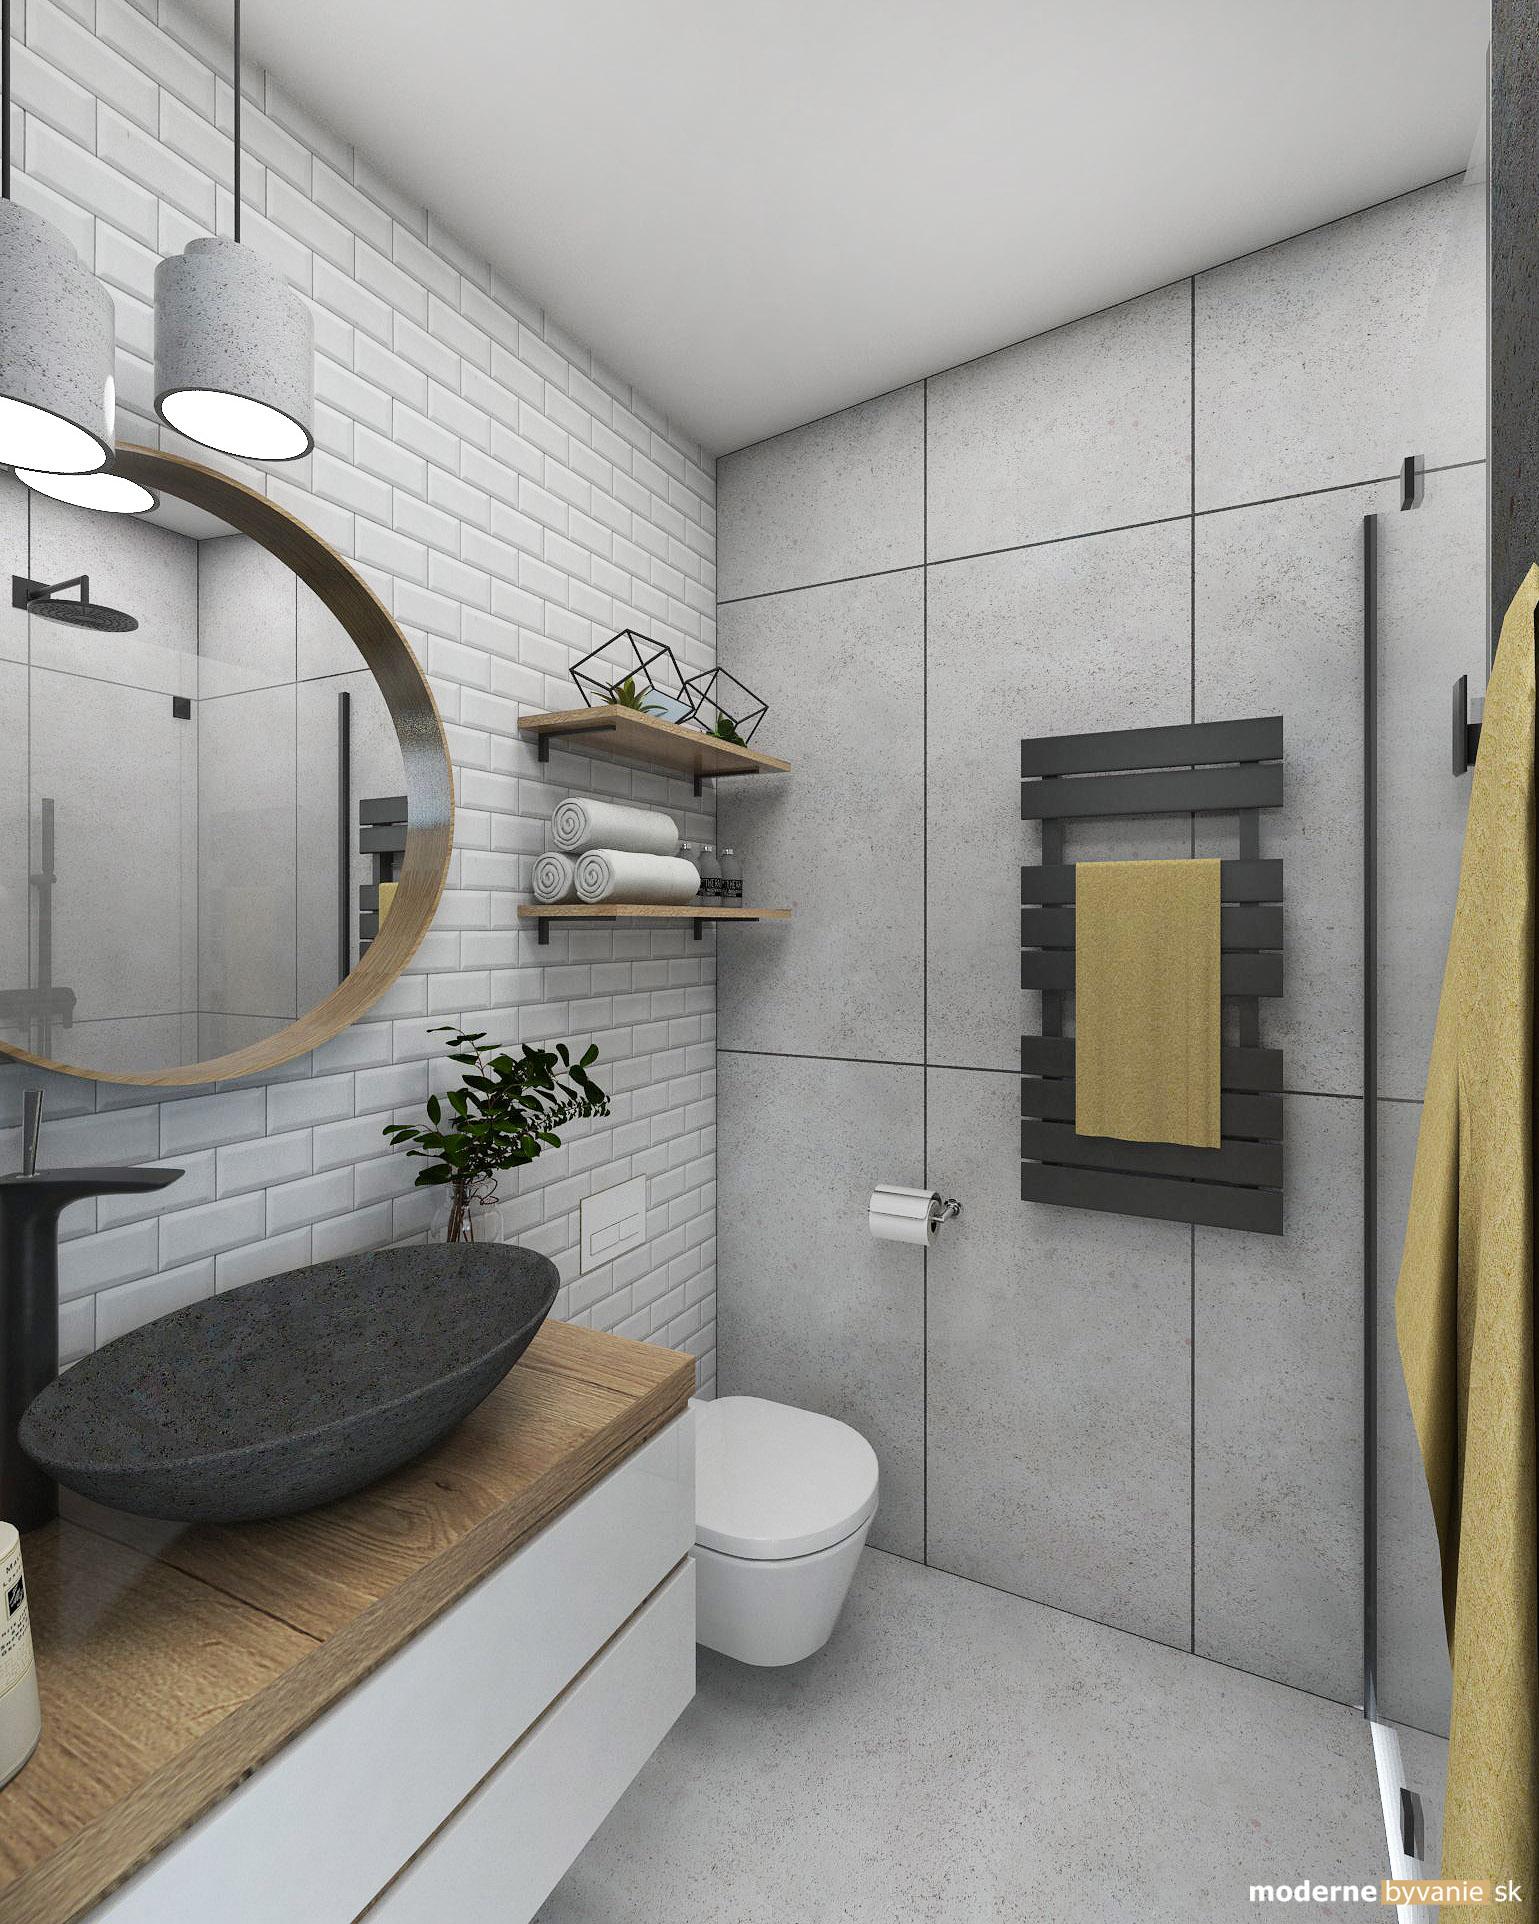 Návrh interiéru - Kúpelňa - Dobrý interiérový architekt aj záhradný domček navrhne